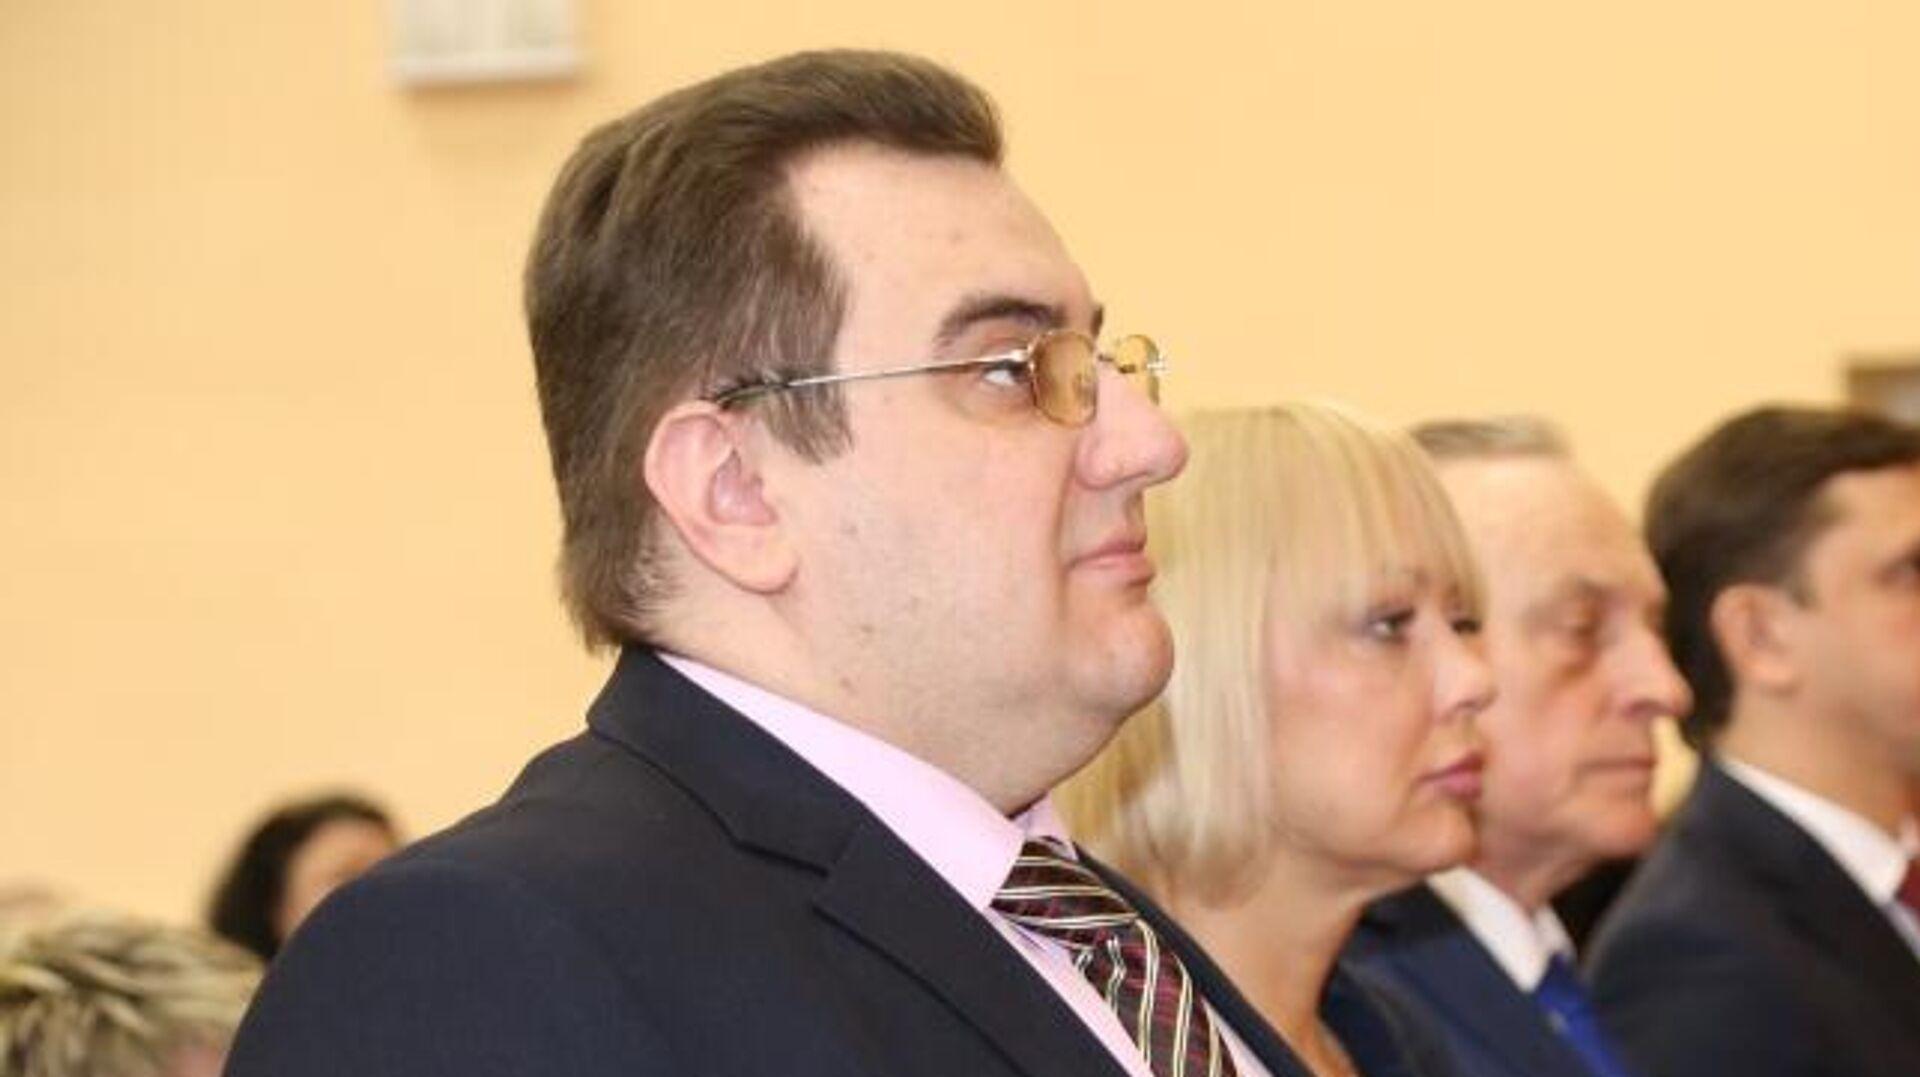 """Власти объяснили """"задержку"""" главы Челябинска в ОАЭ за счет бюджета"""